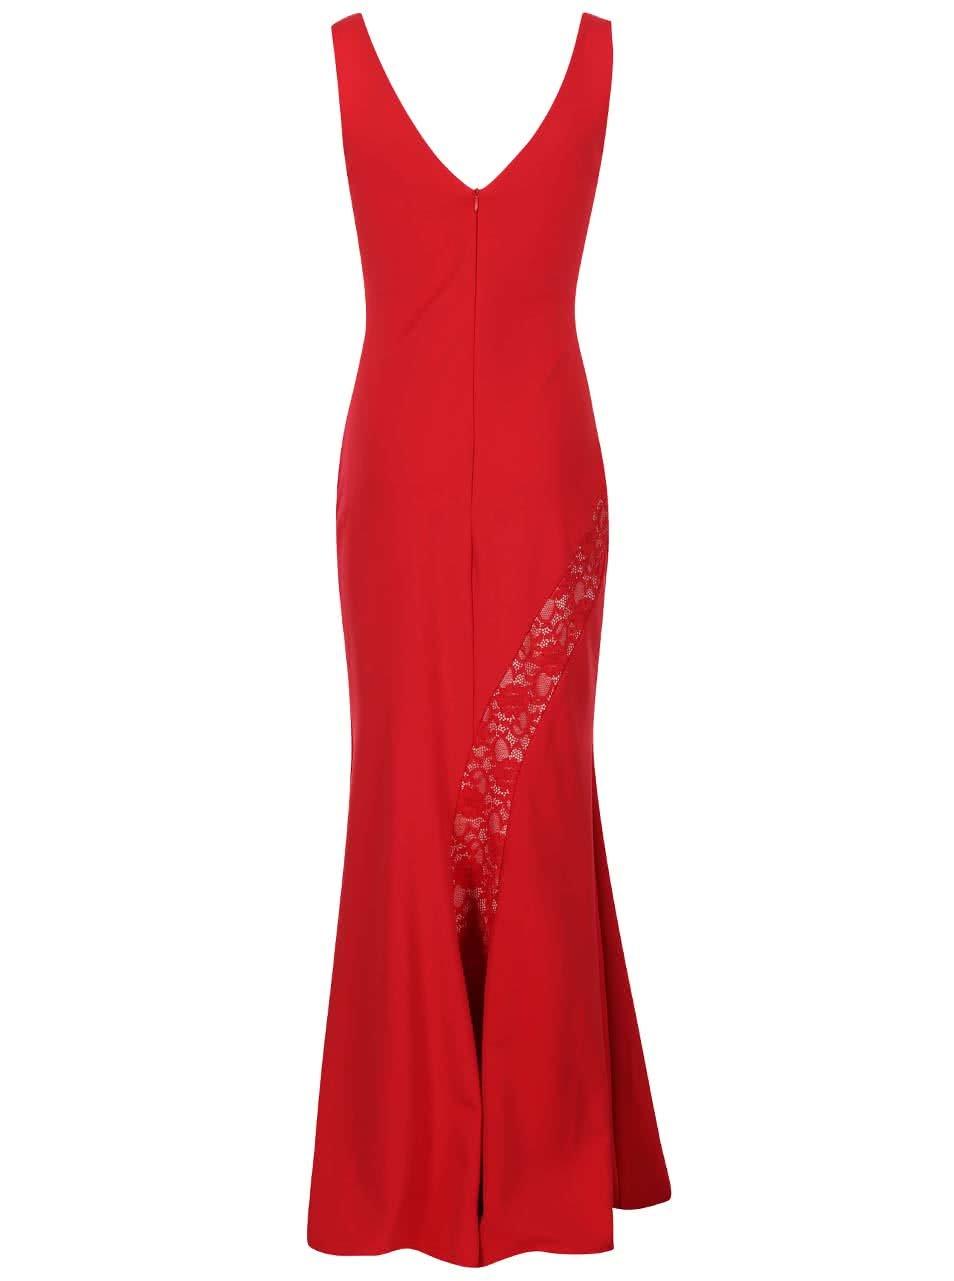 Červené dlouhé šaty s krajkovými detaily Lipstick Boutique Lena ... 5095e4d7aa